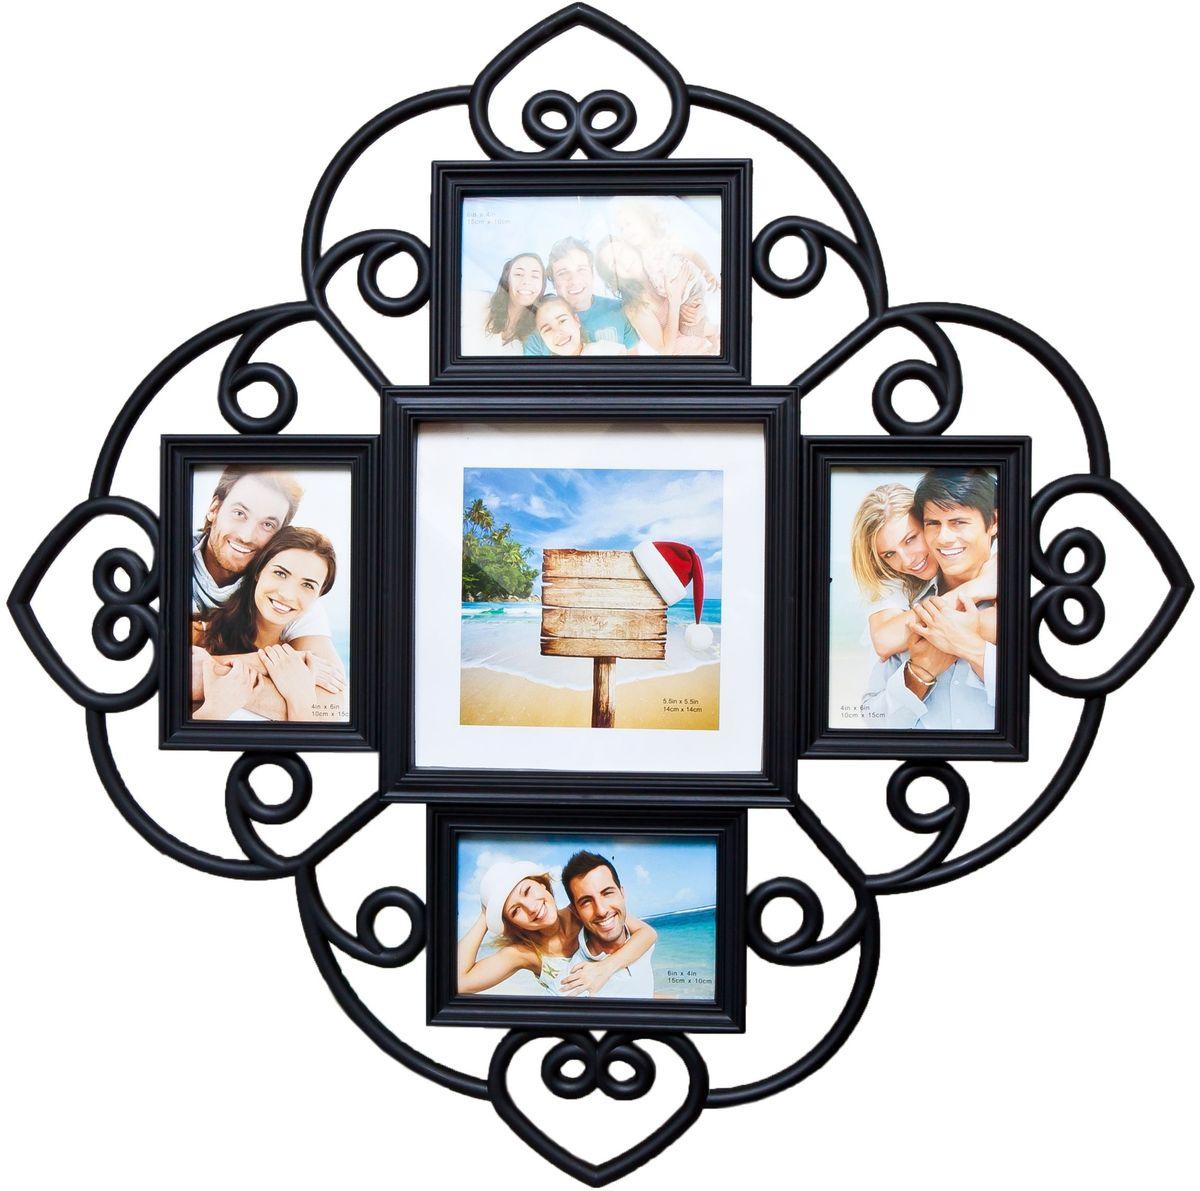 Фоторамка Platinum, цвет: черный, на 5 фото. BH-1405Брелок для ключейФоторамка Platinum - прекрасный способ красиво оформить ваши фотографии. Фоторамка выполнена из пластика и защищена стеклом. Фоторамка-коллаж представляет собой пять фоторамок для фото разного размера оригинально соединенных между собой. Такая фоторамка поможет сохранить в памяти самые яркие моменты вашей жизни, а стильный дизайн сделает ее прекрасным дополнением интерьера комнаты. Фоторамка подходит для 4 фото 10 х 15 см и 1 фото 14 х 14 см.Общий размер фоторамки: 53 х 53 см.